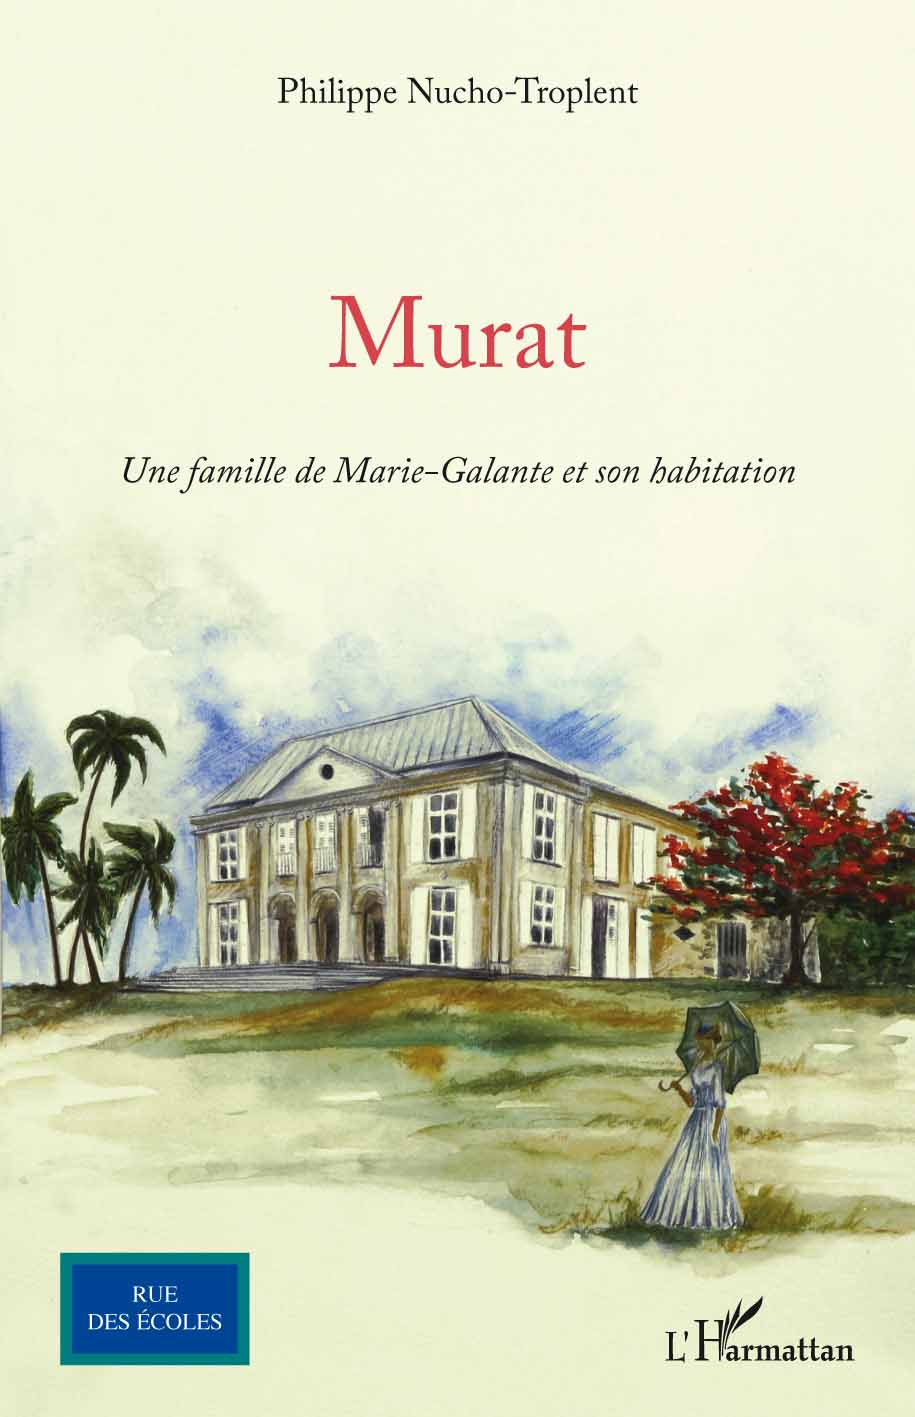 Marie-Galante: Histoire et mémoire (French Edition)